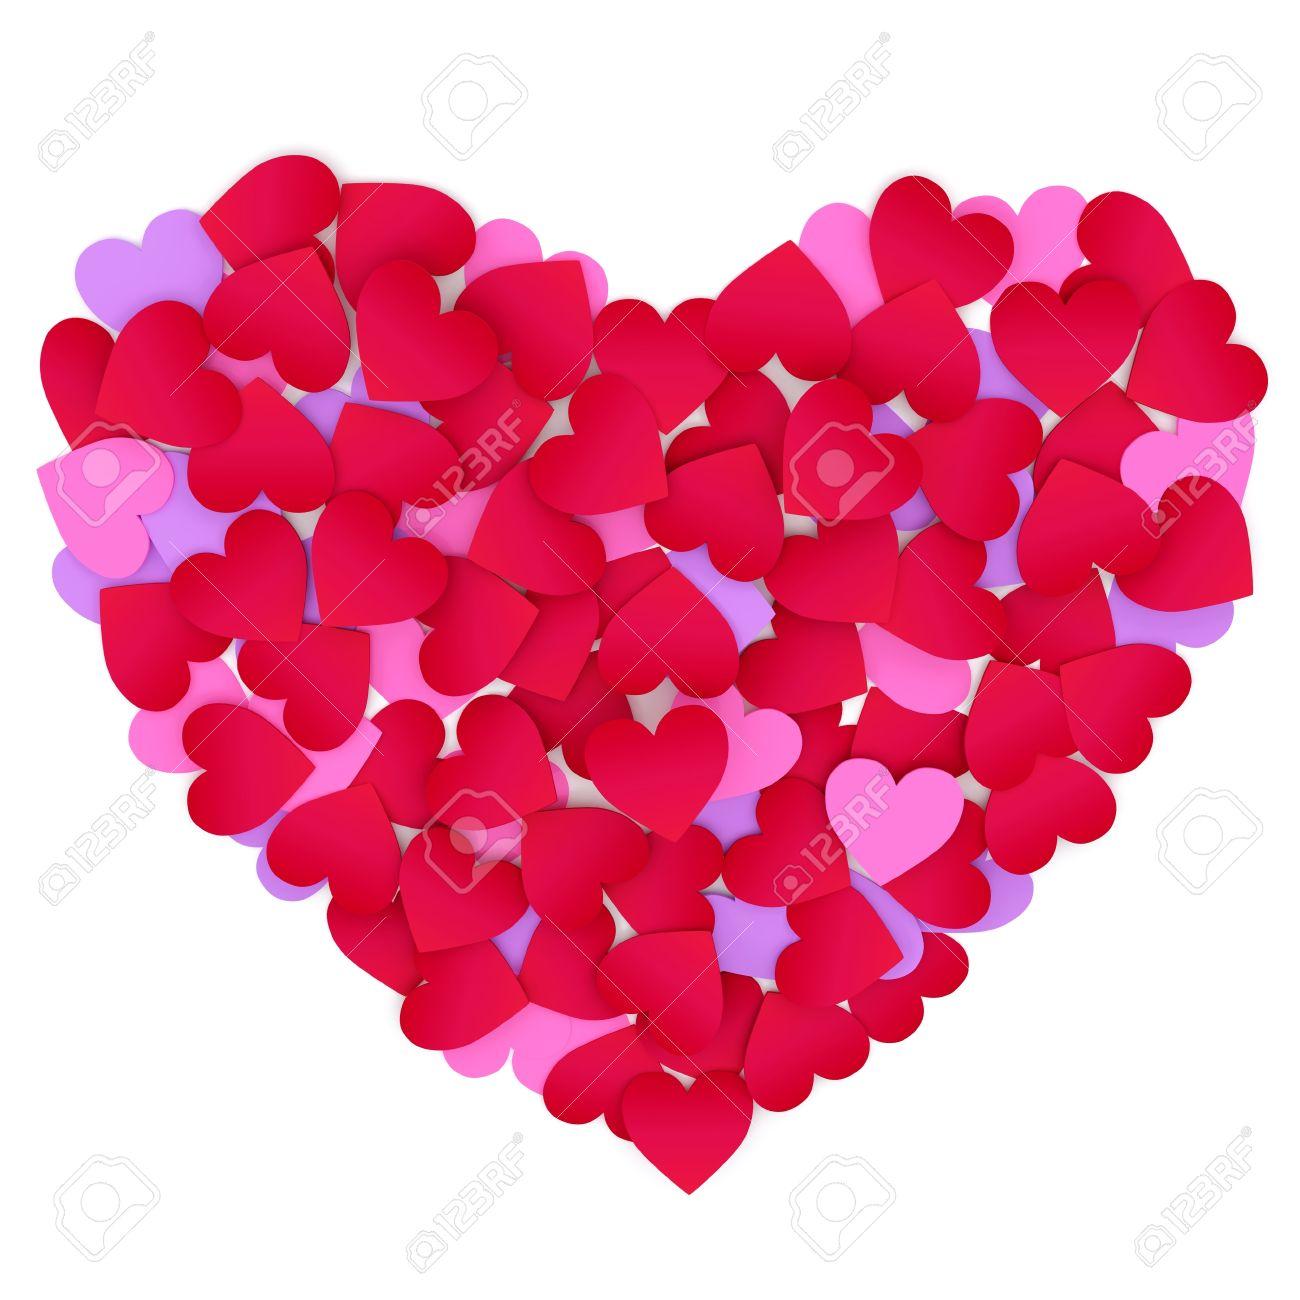 Herz Aus Papier Herzen Farbe Auf Weißem Hintergrund Lizenzfreie